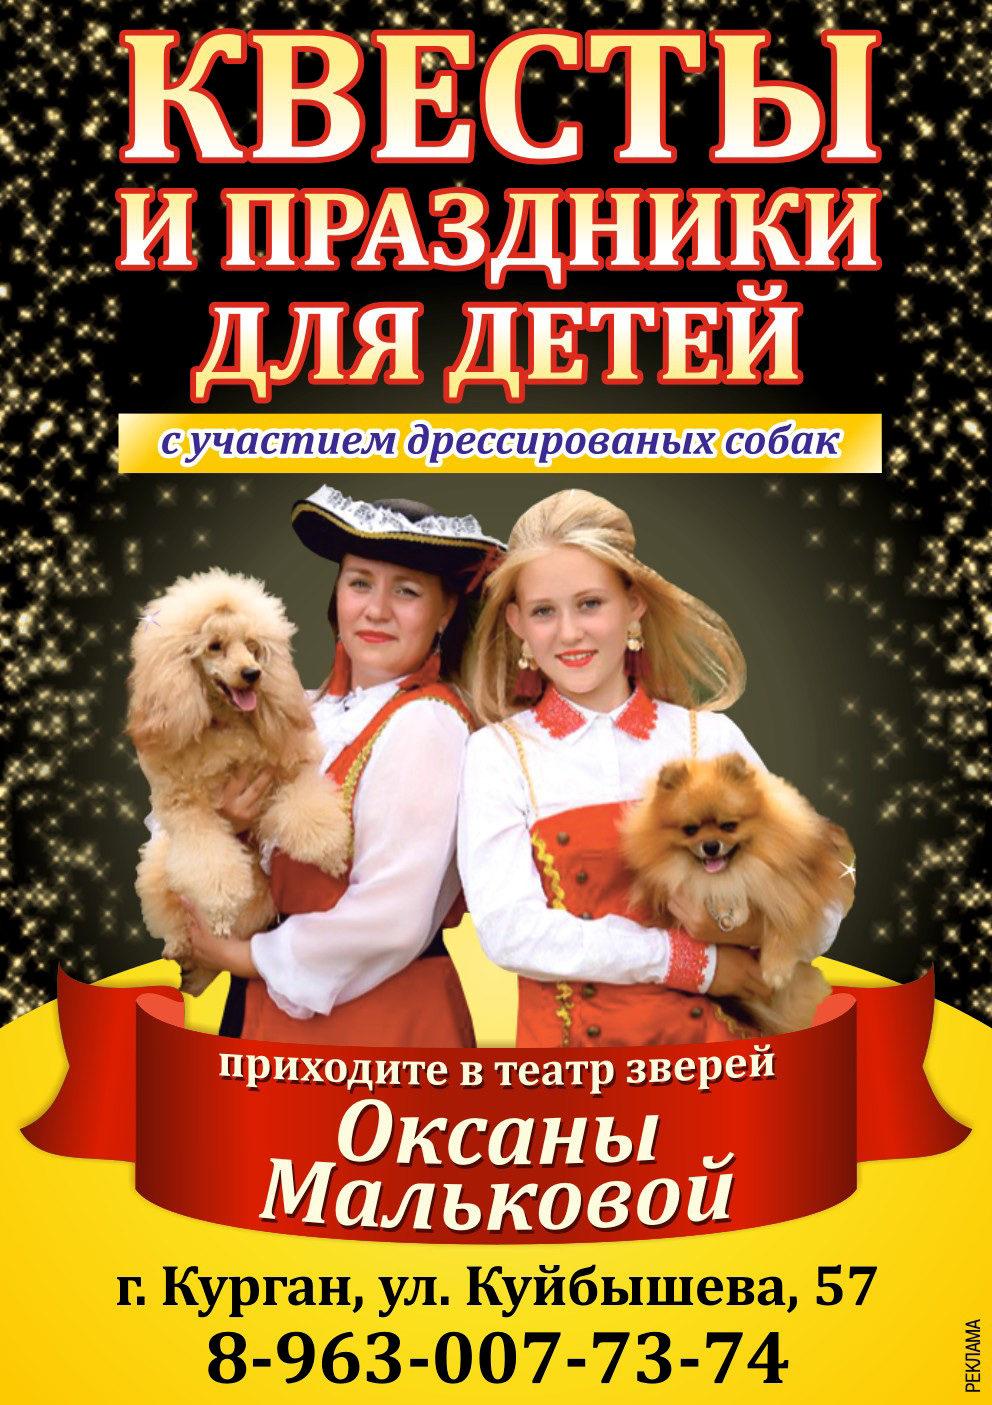 Театр дрессированных зверей Оксаны Мальковой в Кургане афиша курган